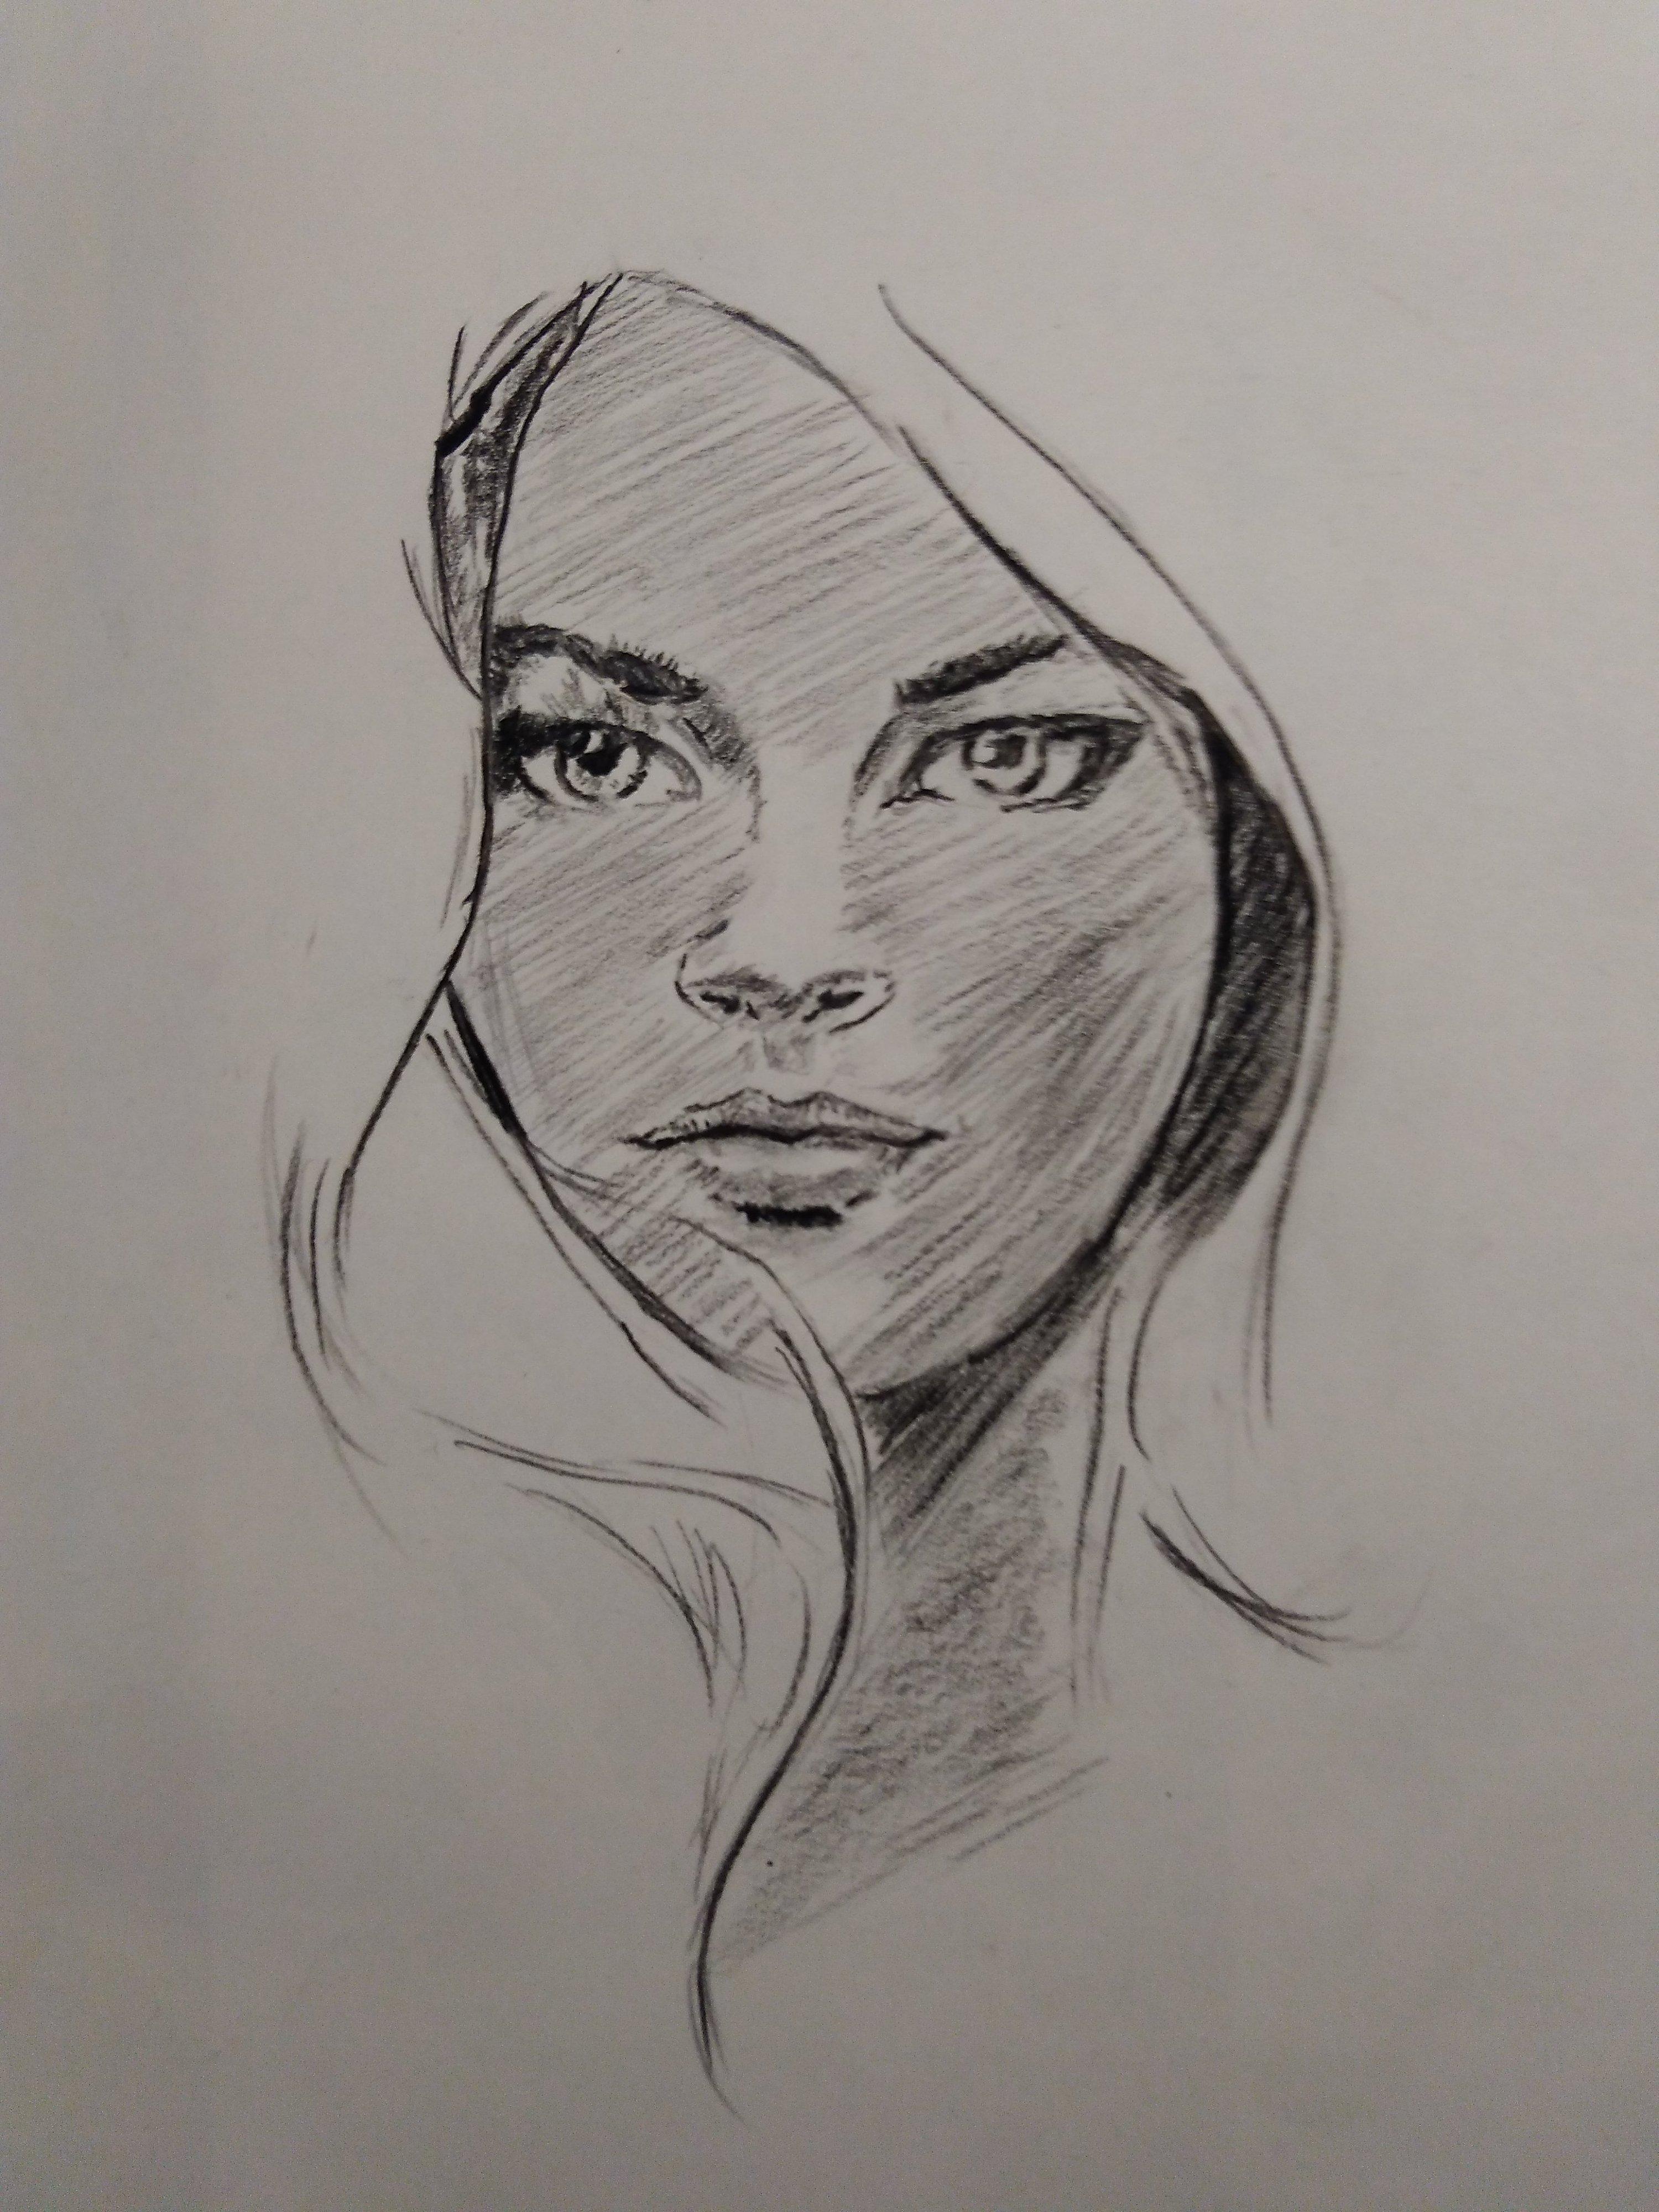 简单的人物手绘